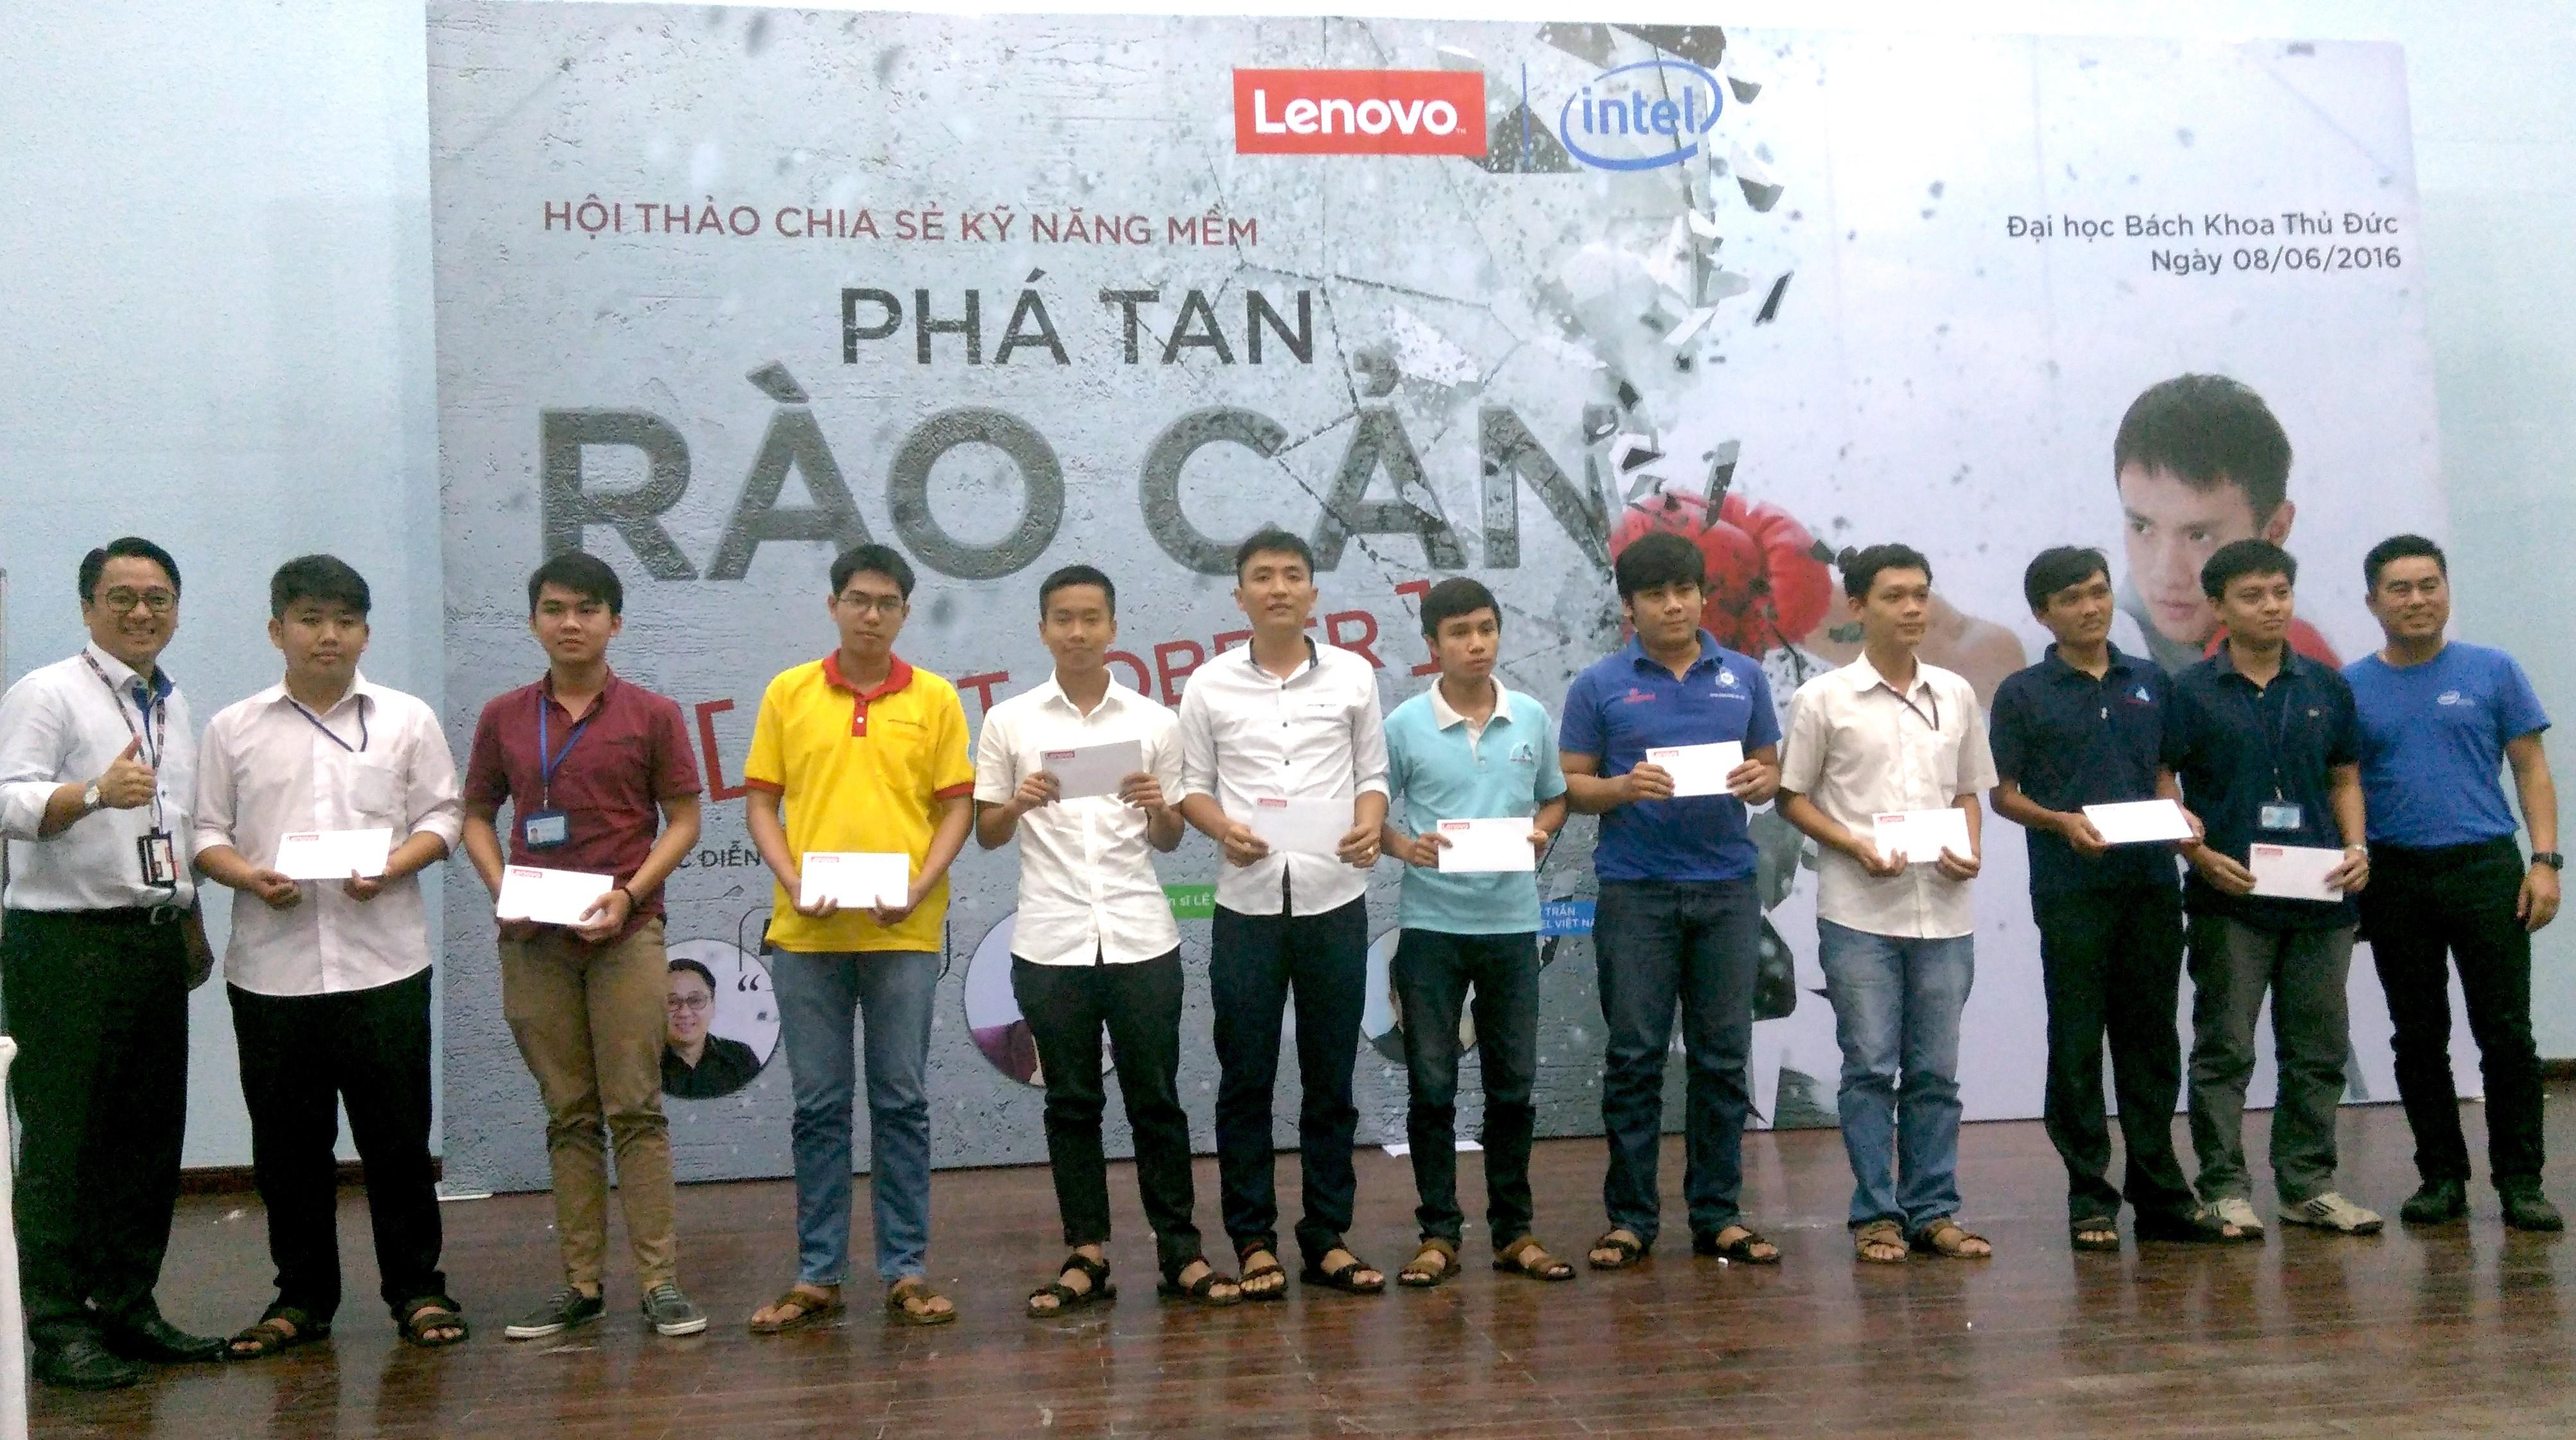 Lenovo - Lenovo đồng hành cùng sinh viên Việt Nam